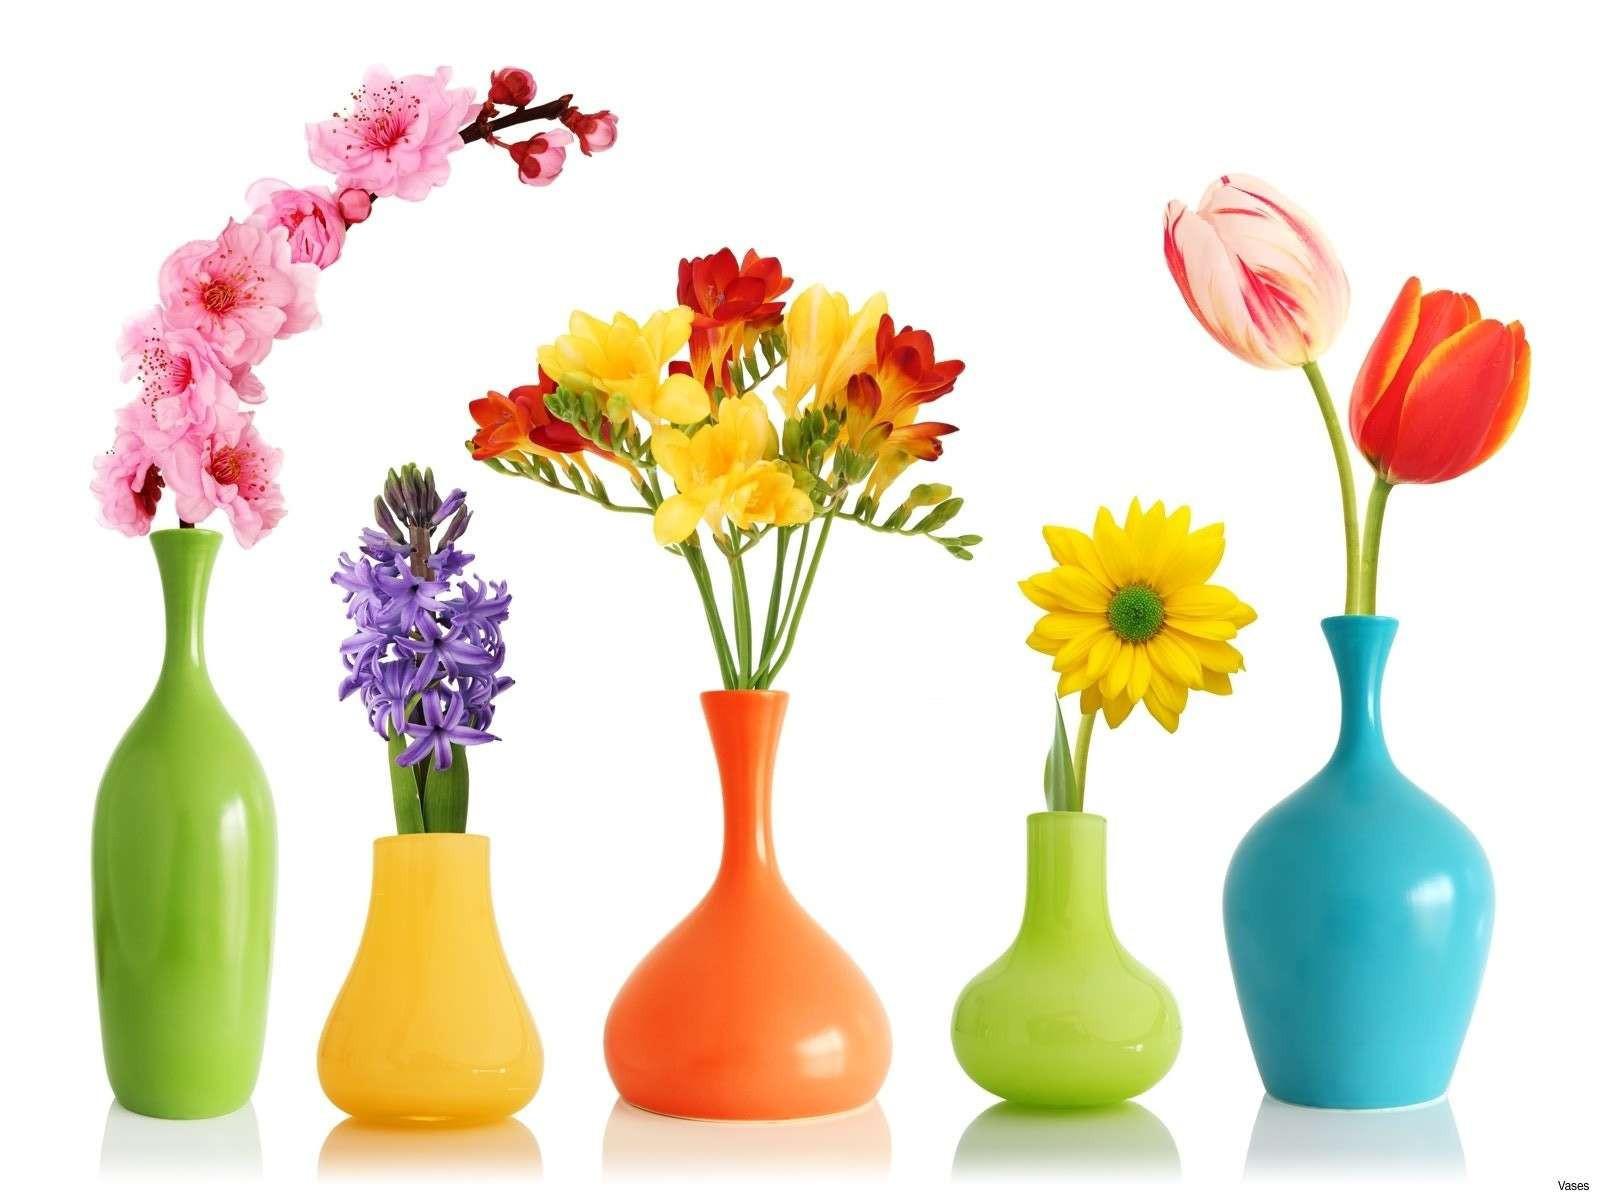 discount glass flower vases of awesome colorful etched vasesh vases flower vase i 0d design ideas intended for awesome colorful etched vasesh vases flower vase i 0d design ideas flower